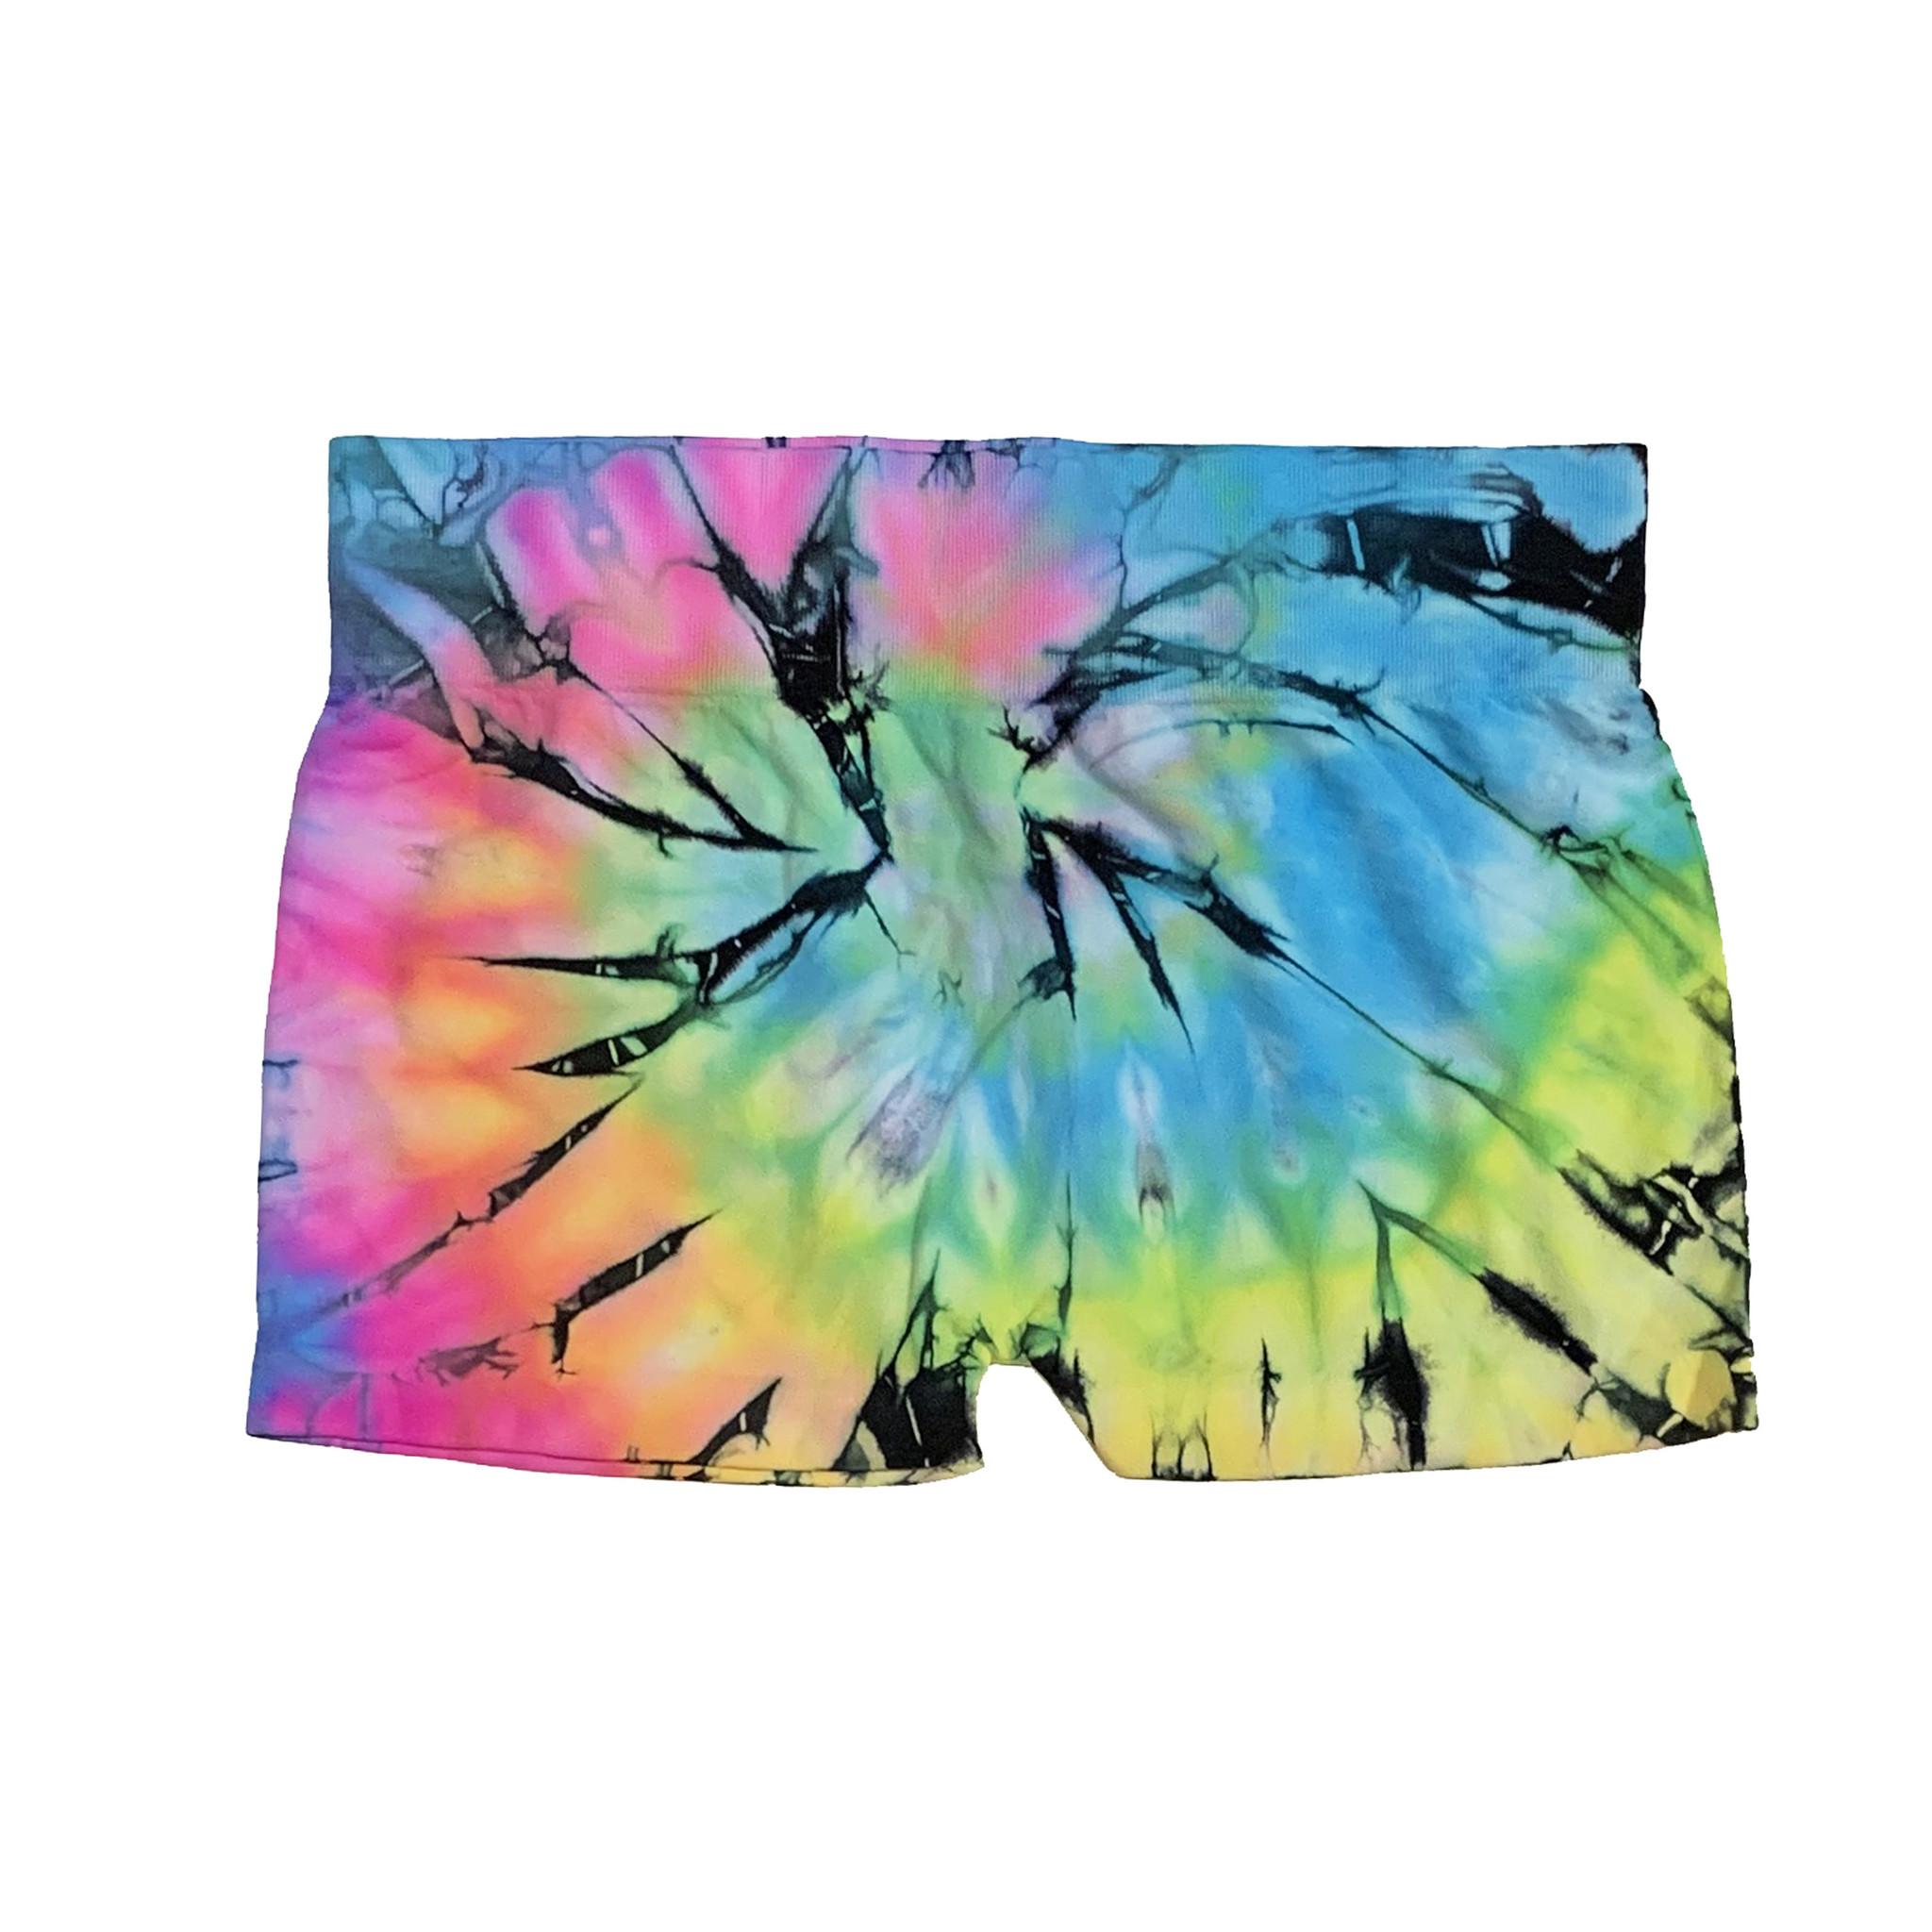 Malibu Sugar Tie Dye Booty Short 7-14